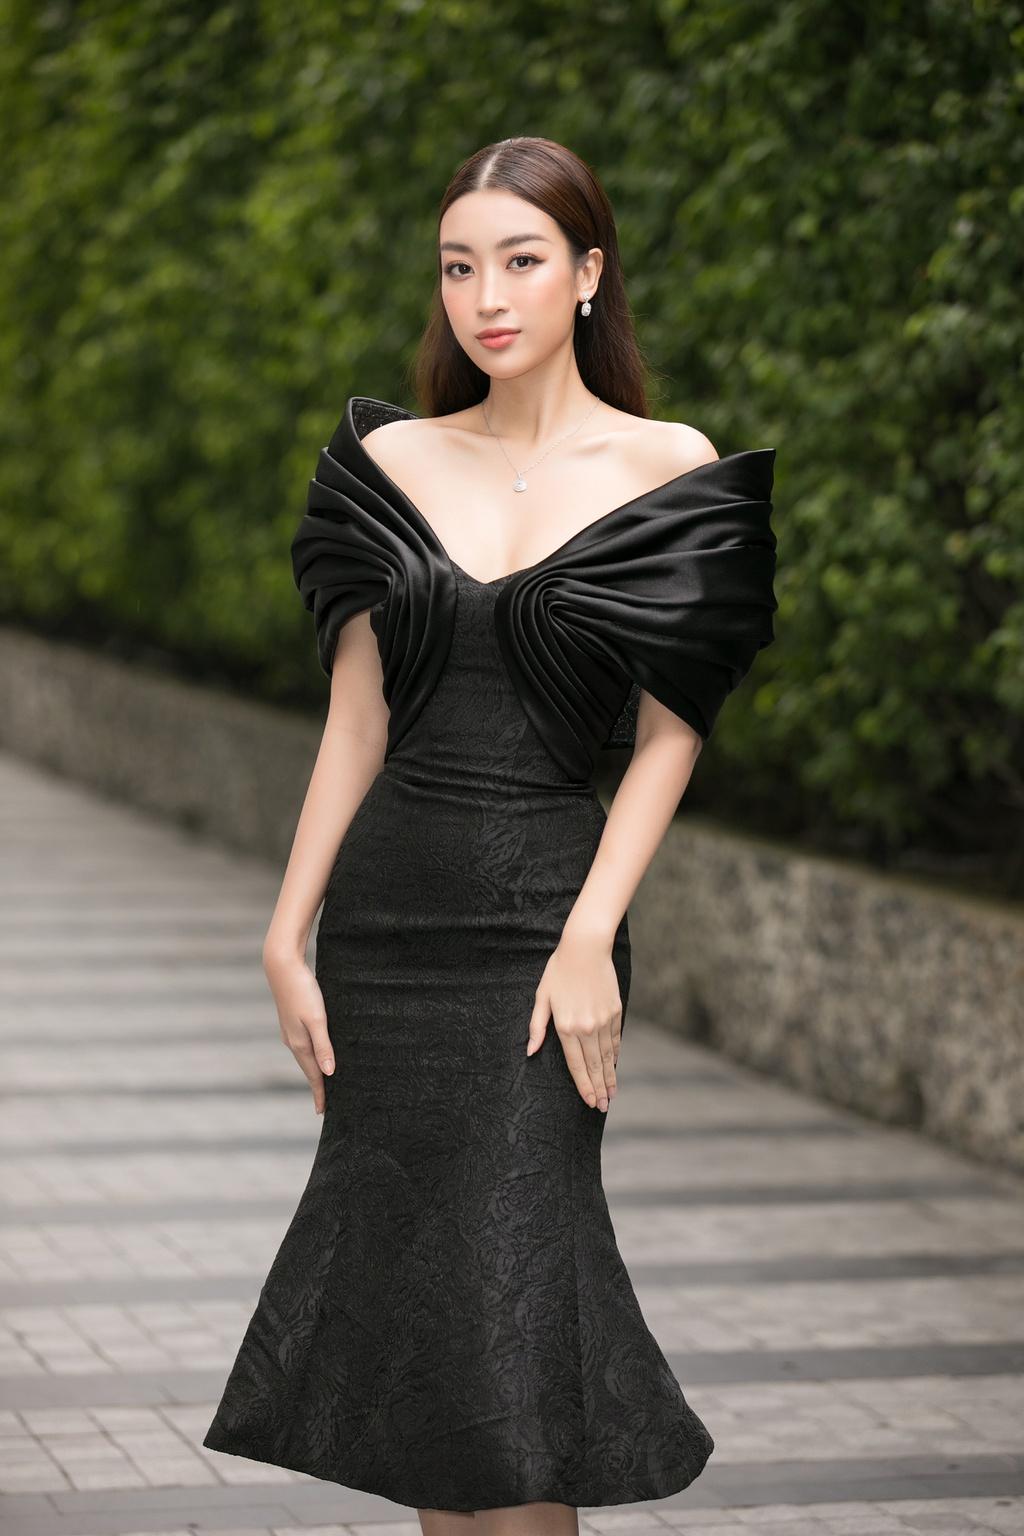 Tiểu Vy, Thụy Vân xuất hiện tại sơ khảo Hoa hậu Việt Nam 2020